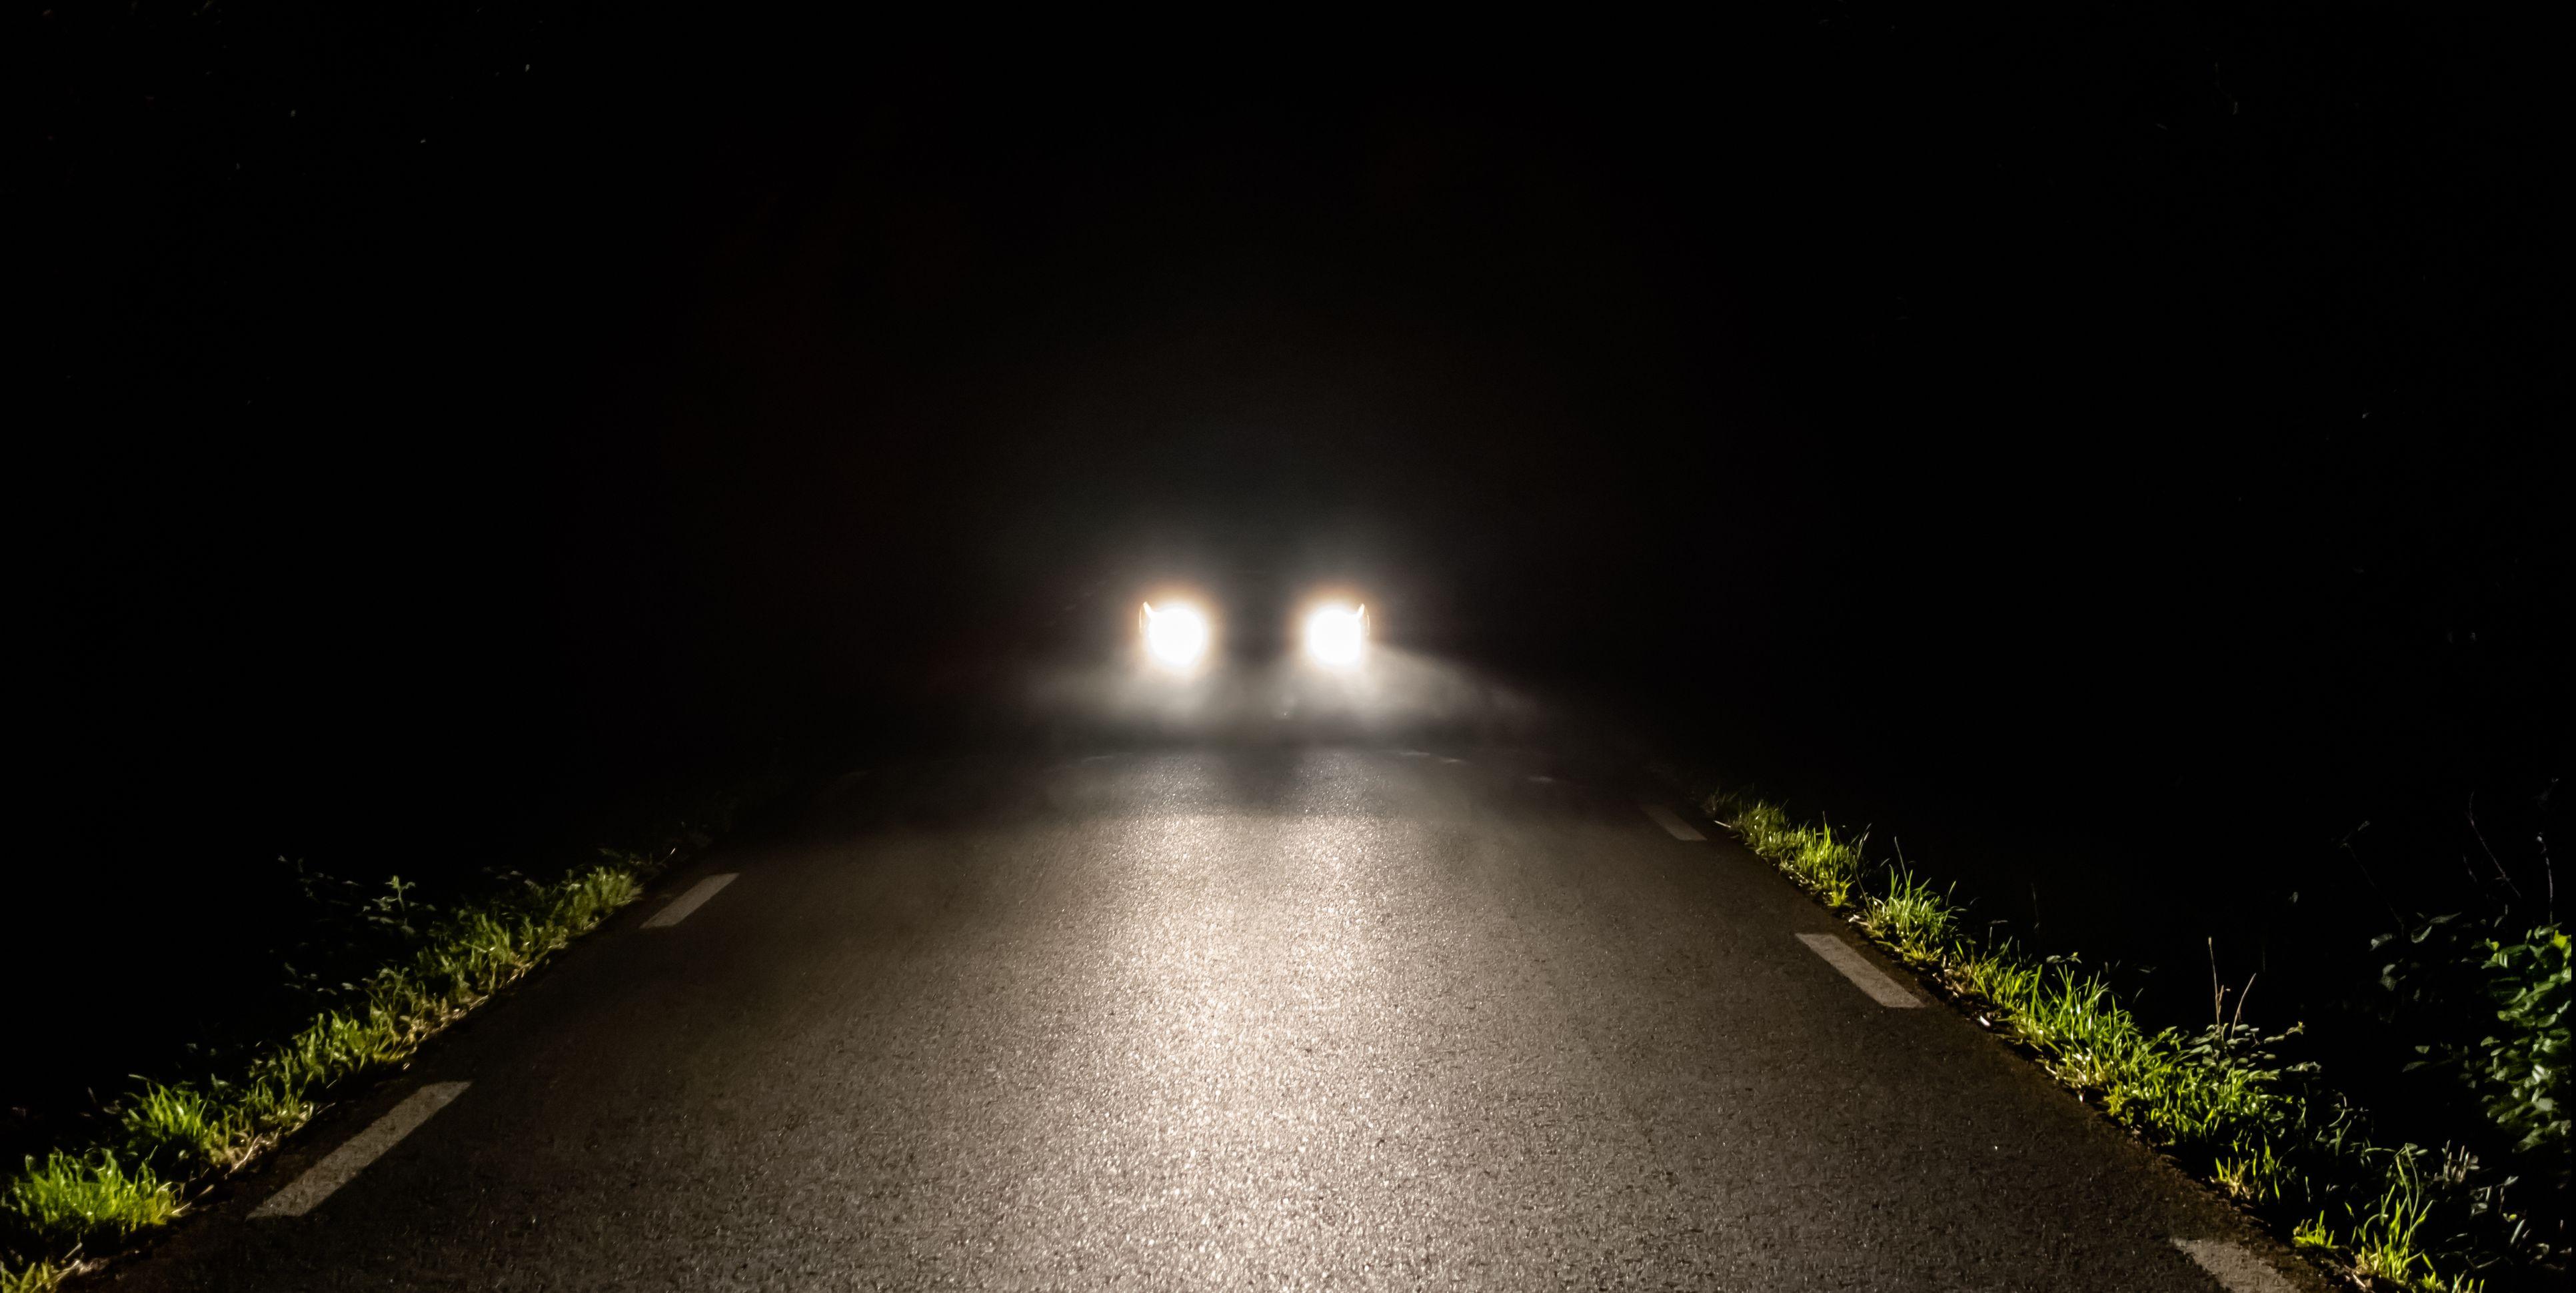 How To Adjust Headlights Car Headlights